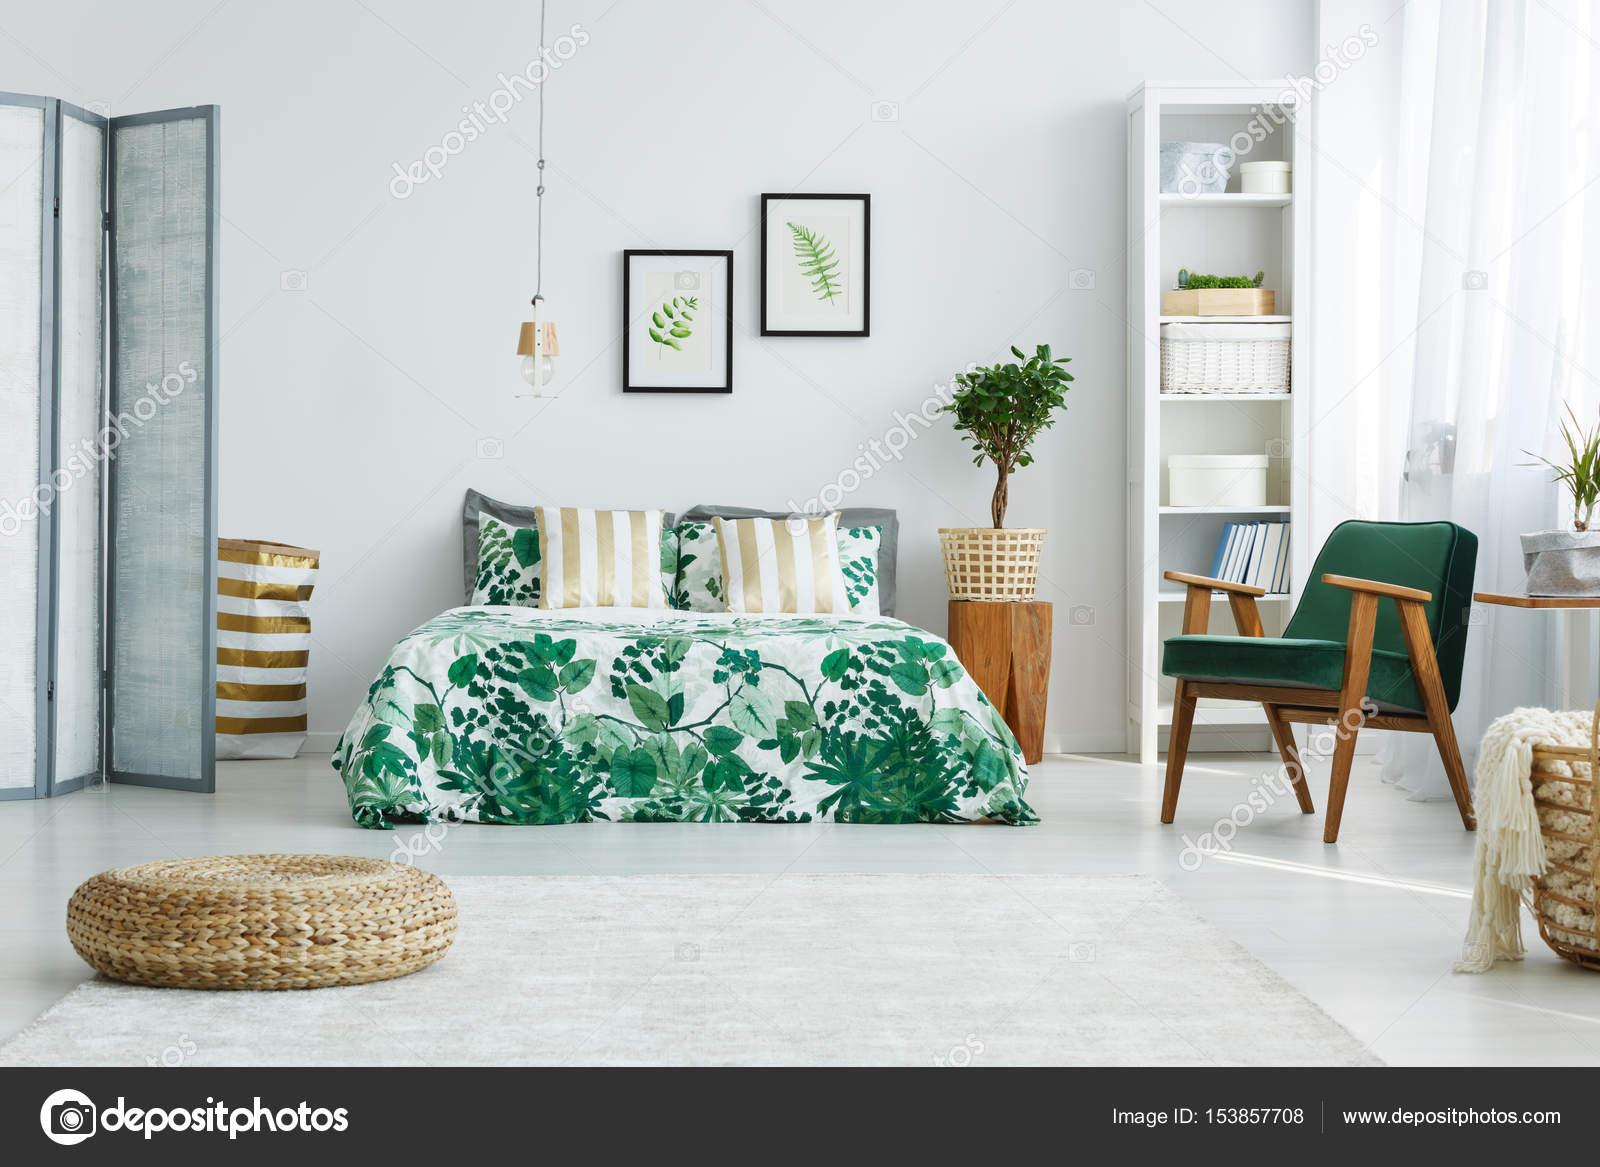 Chambre à Coucher Avec écran, Lit, Fauteuilu2013 Images De Stock Libres De  Droits